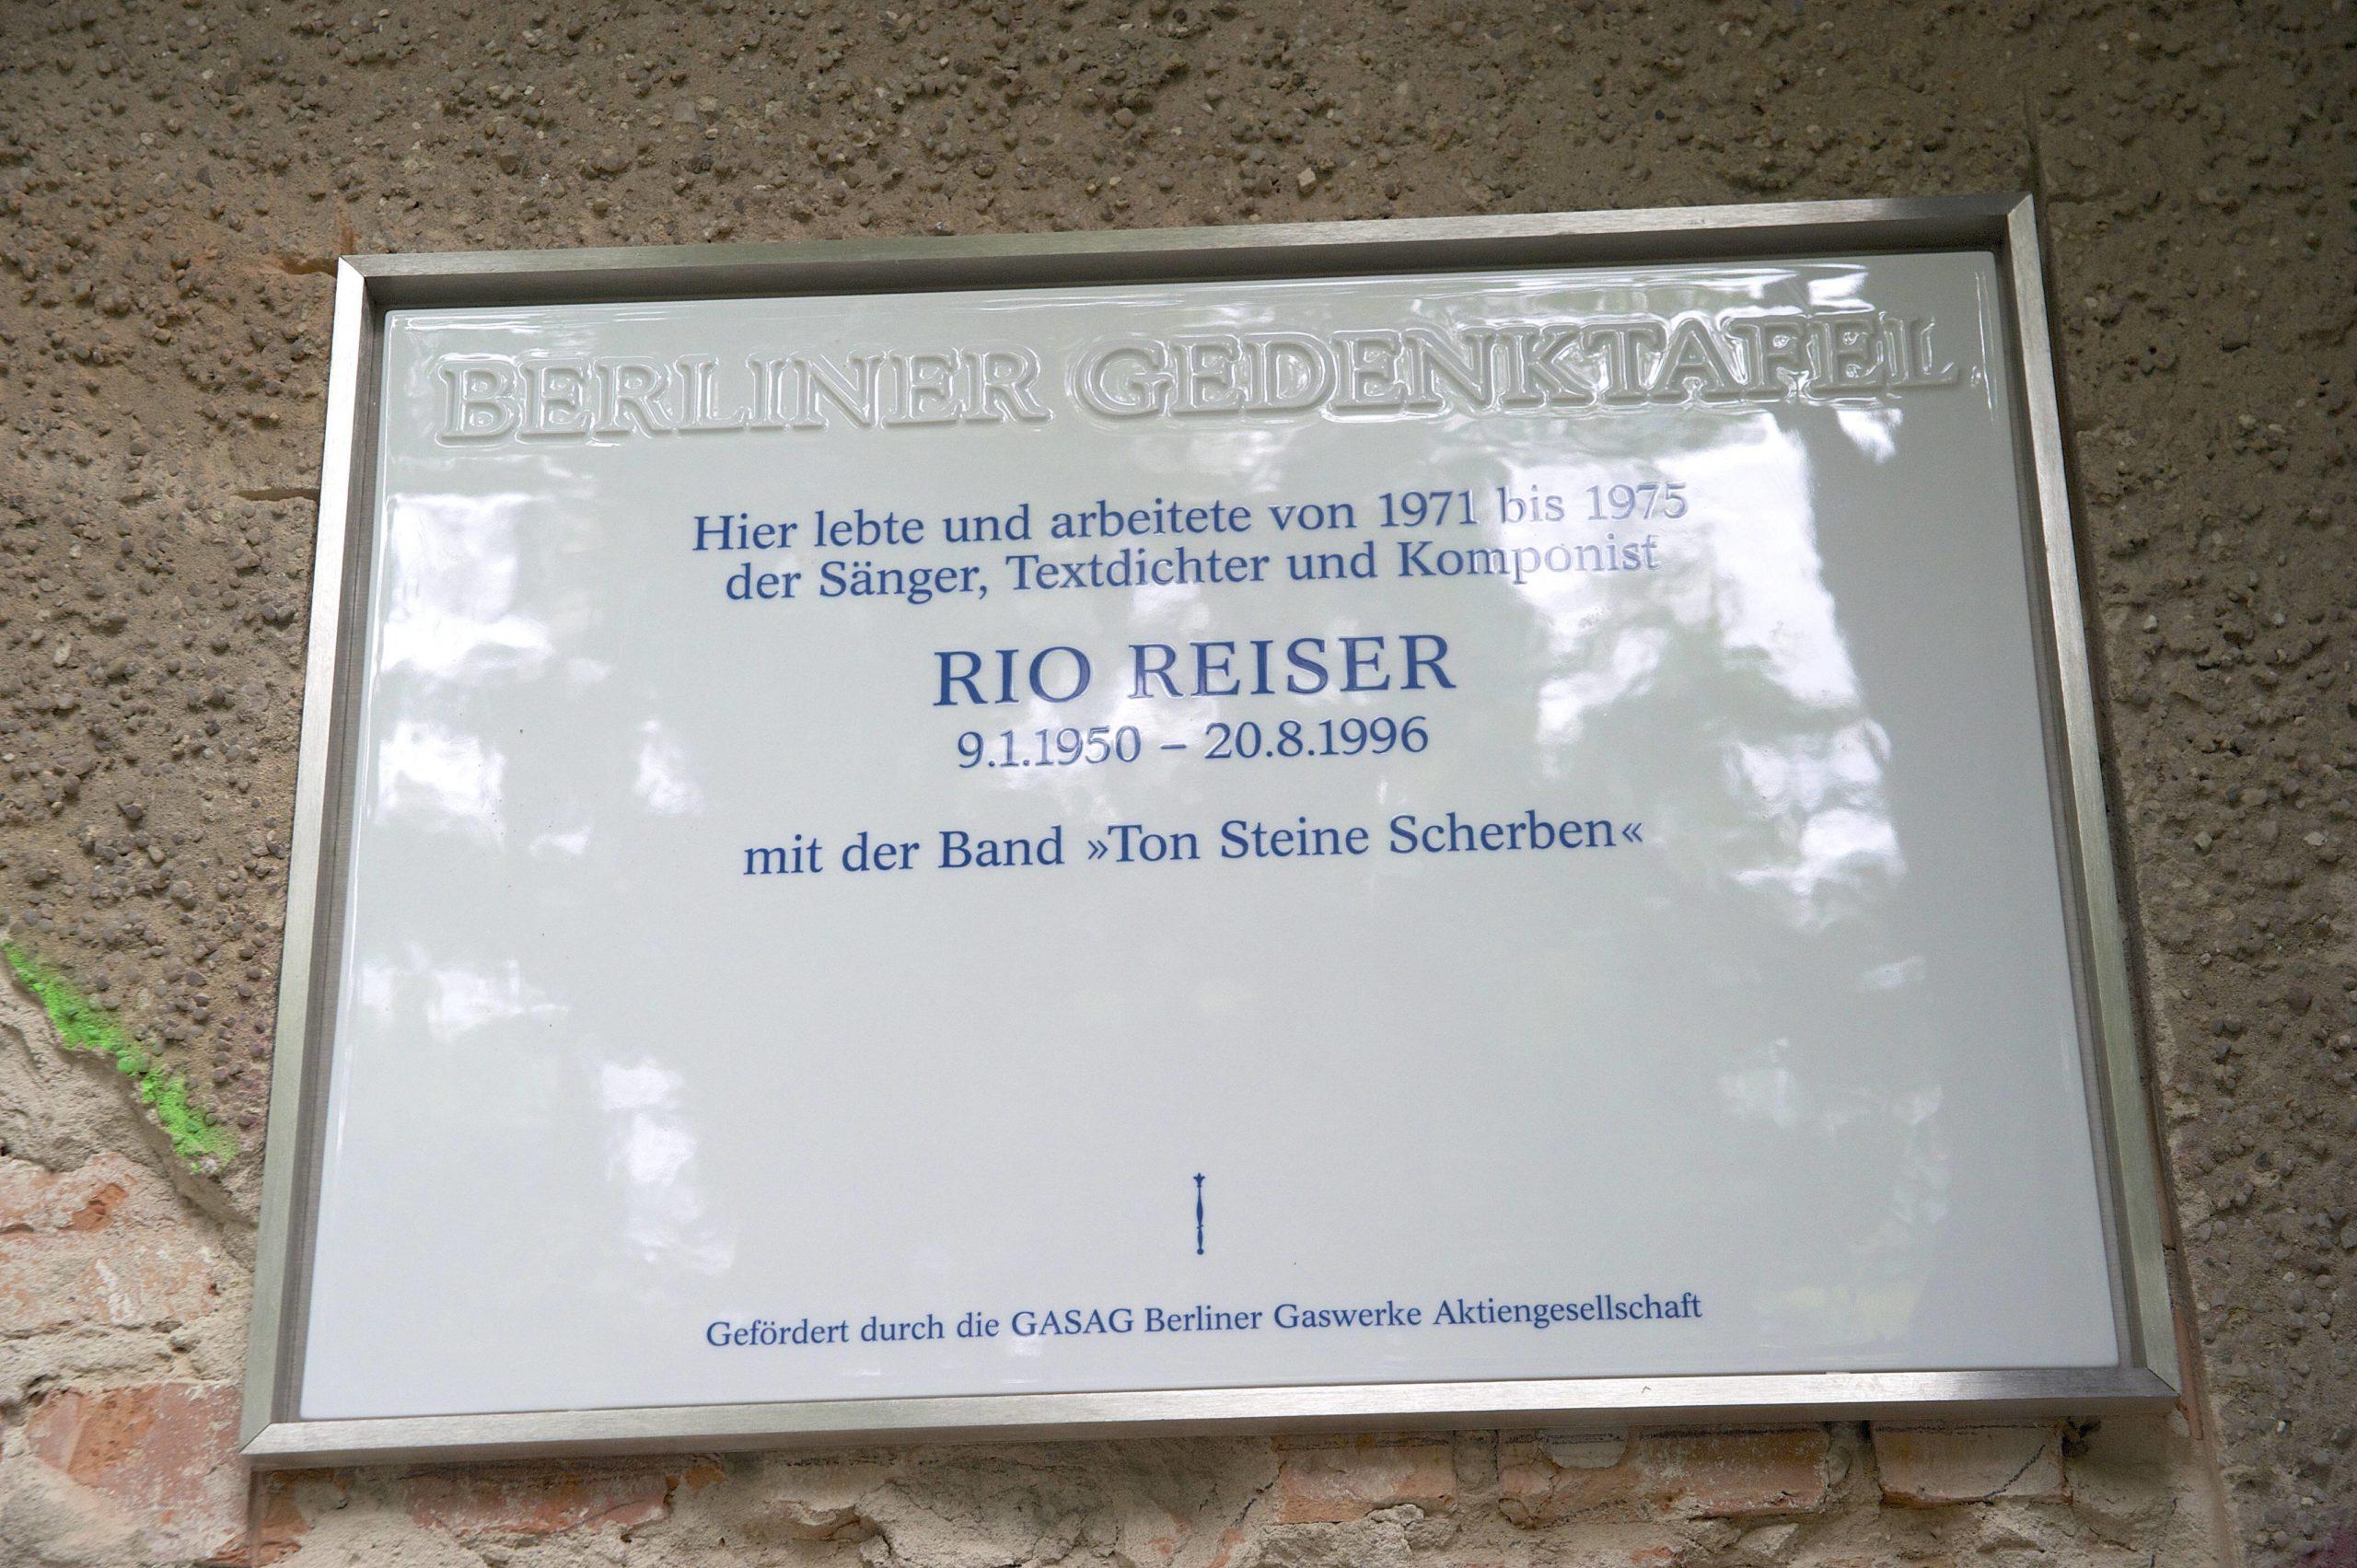 17 Jahre nach seinem Tod erhielt der Sänger Rio Reiser am 20. August 2013 in Berlin eine Gedenktafel an seinem ehemaligen Wohnhaus am Tempelhofer Ufer 32 in Kreuzberg. Foto: Imago/epd